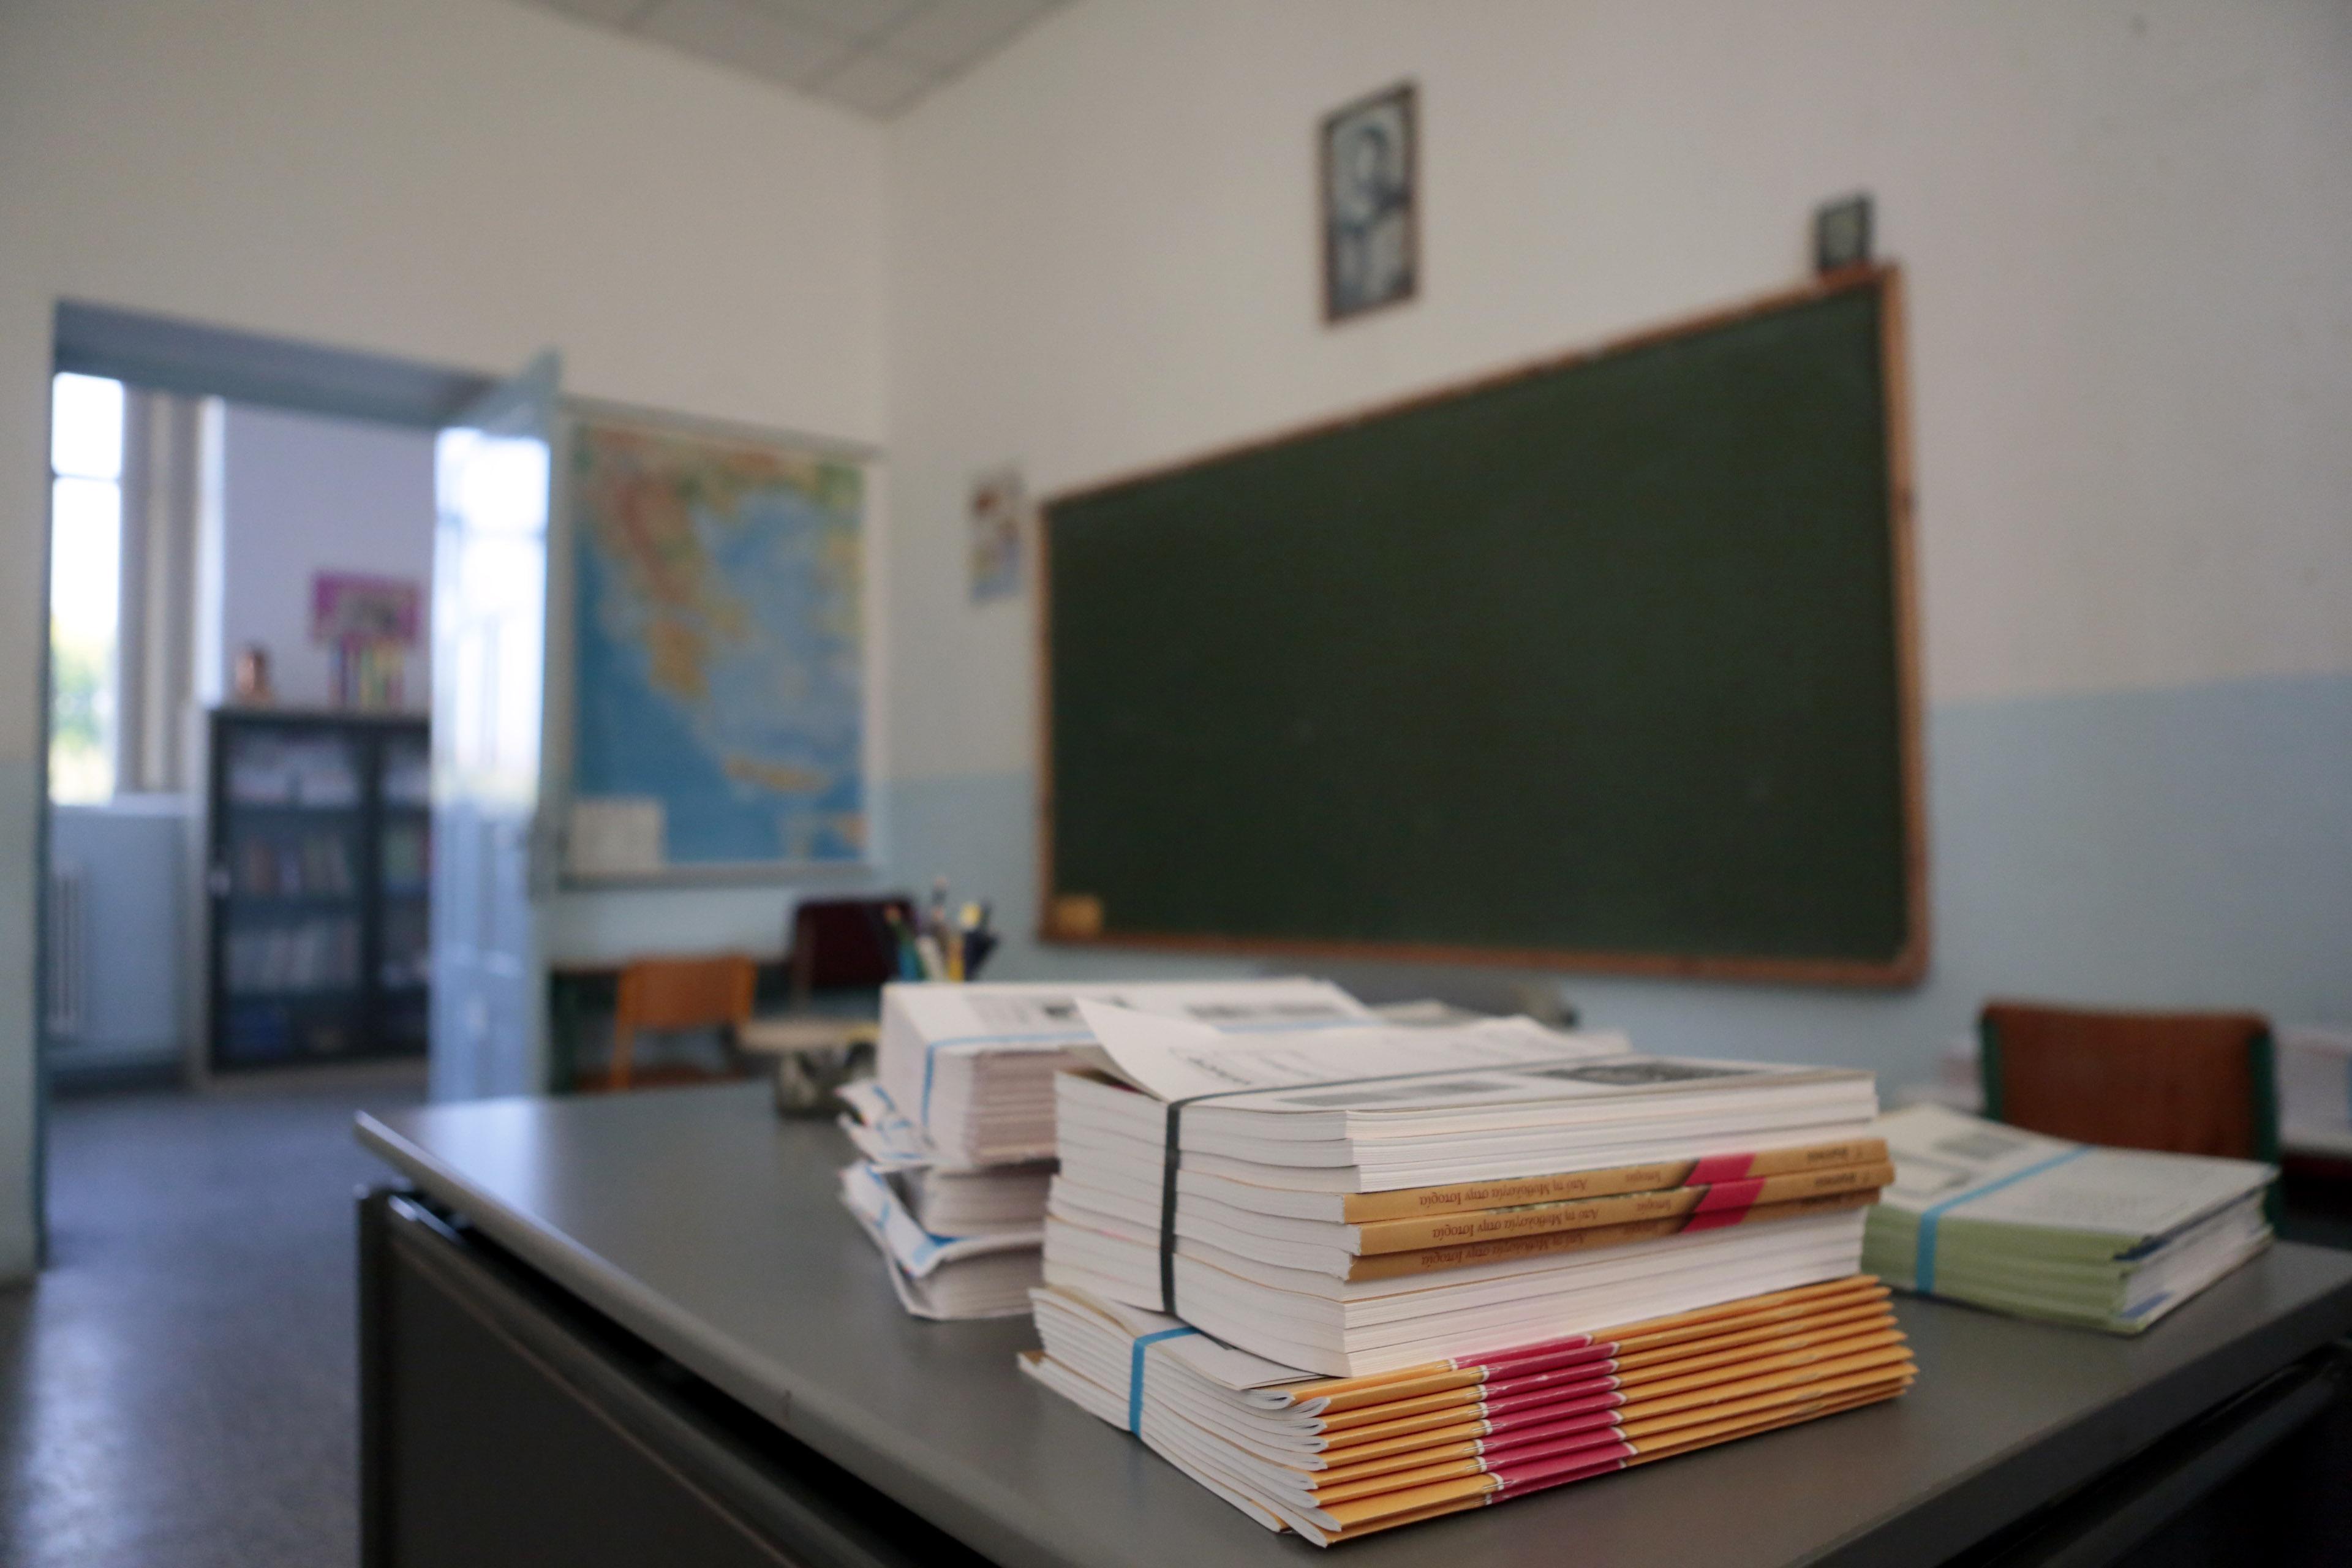 Θεσσαλονίκη: Νέο πρόγραμμα ανακύκλωσης στα σχολεία | tovima.gr